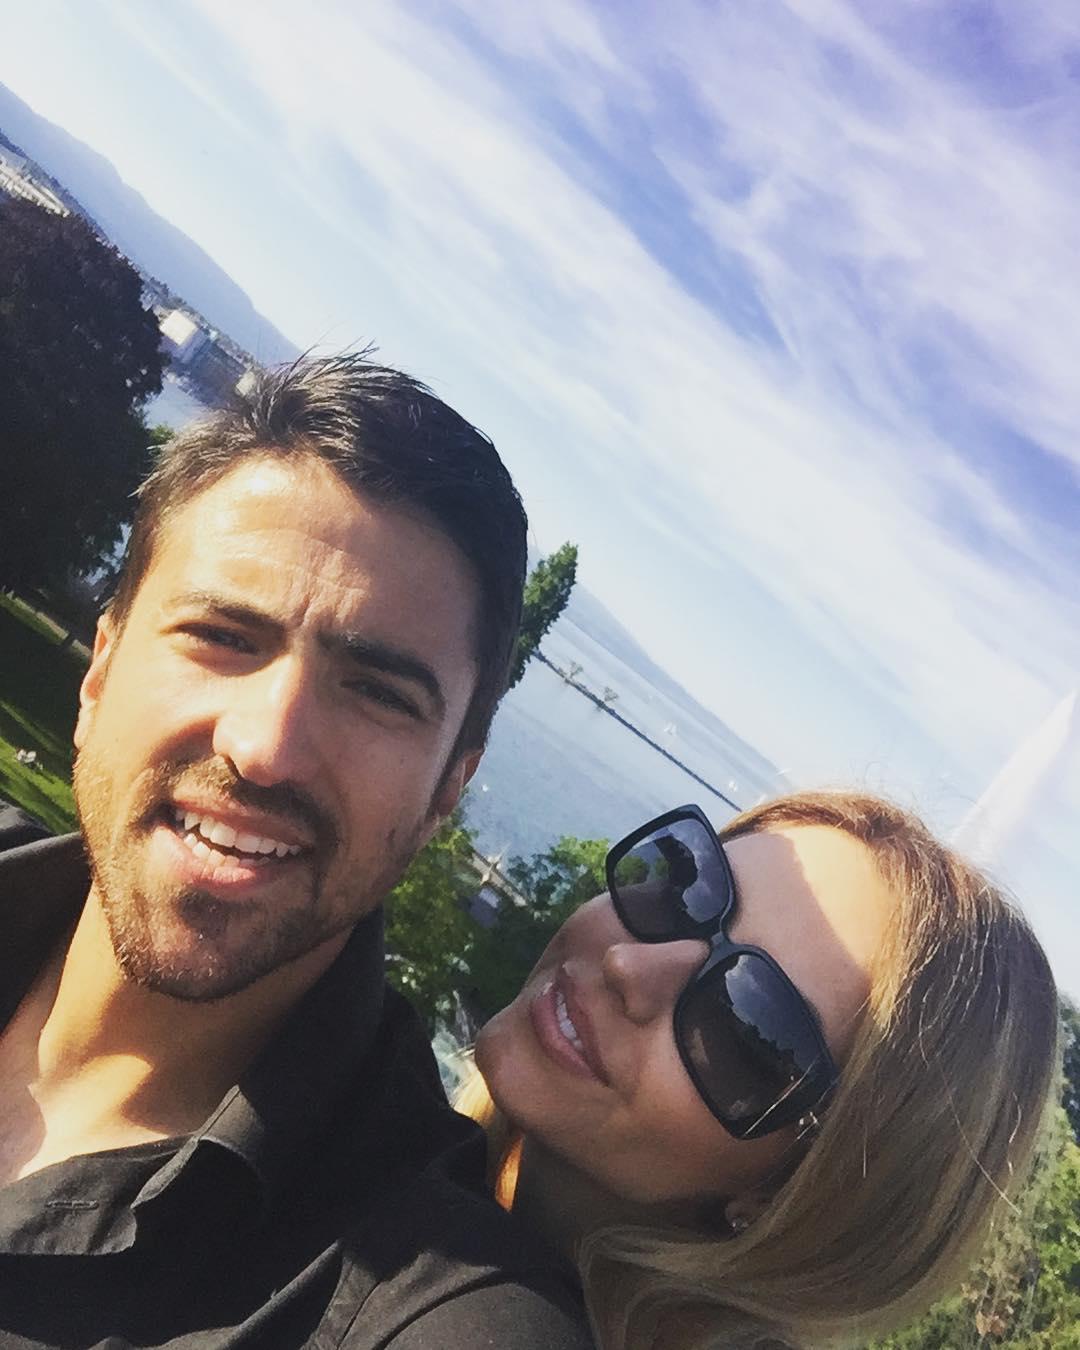 Janko Tipsarevic Instagram username